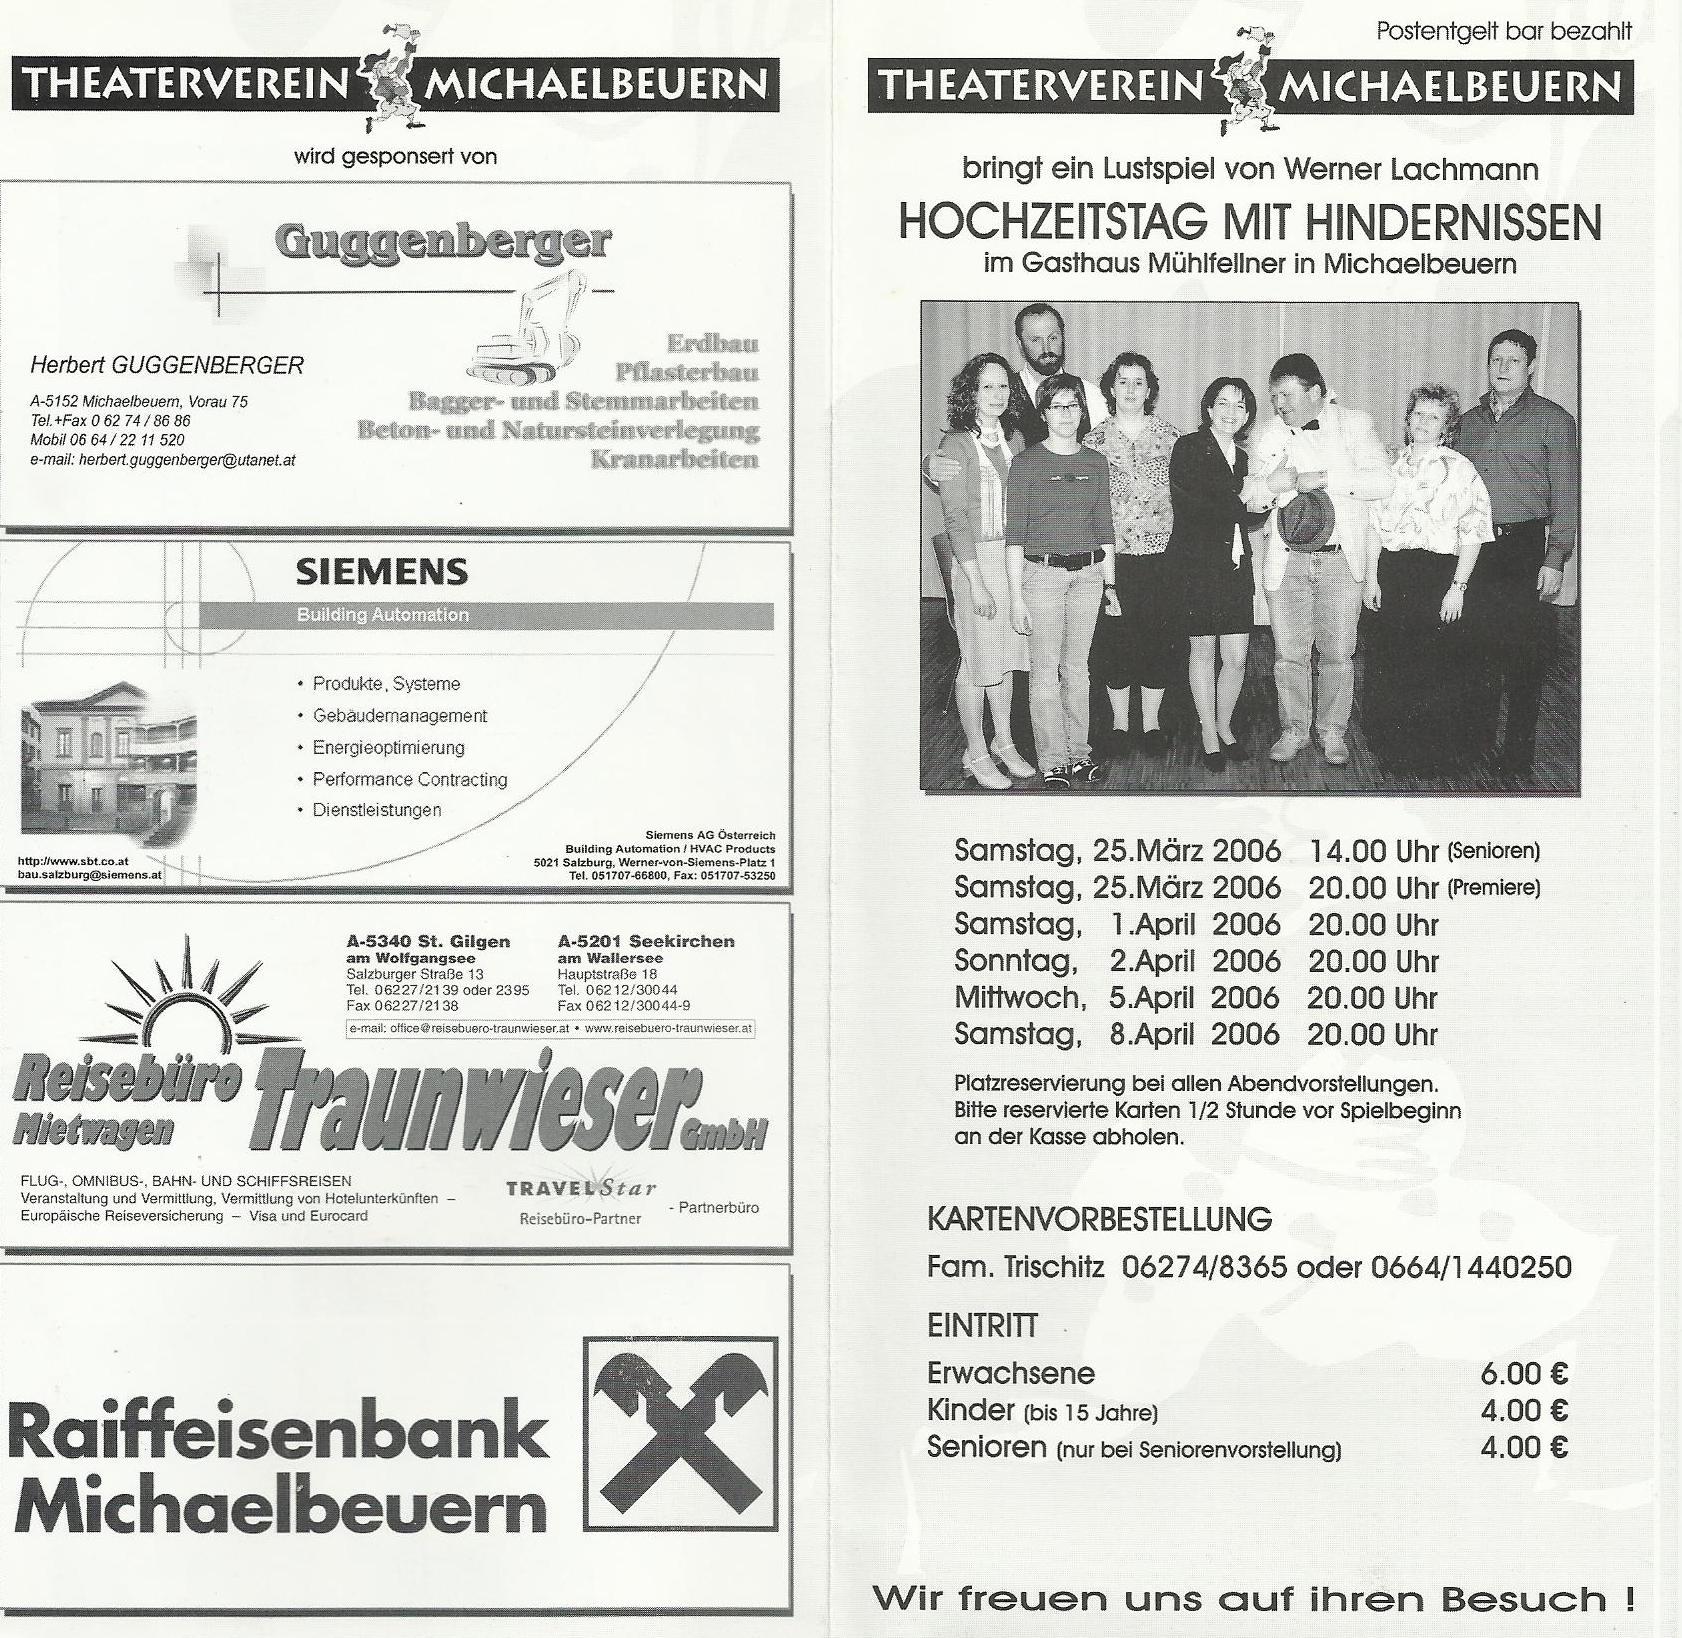 Programm2006 Hochzeitstag0001